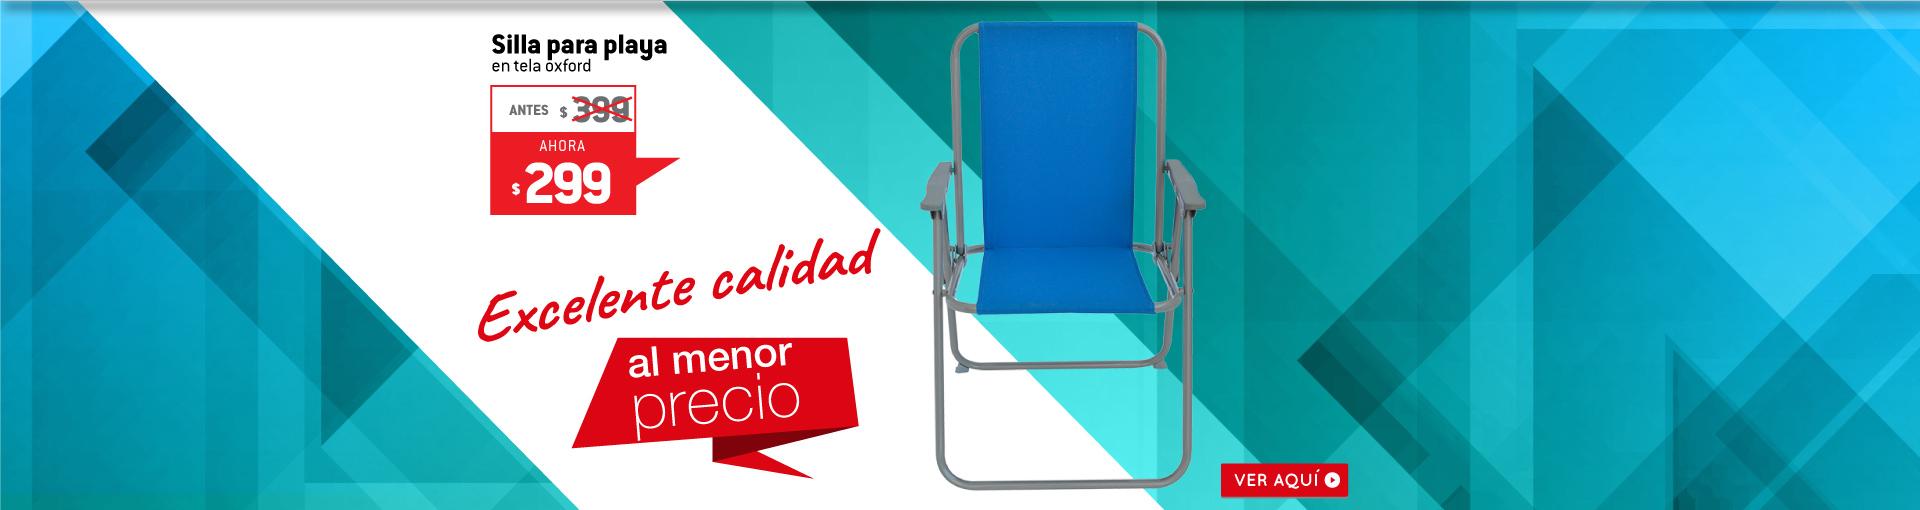 h-02-728725-silla-para-playa